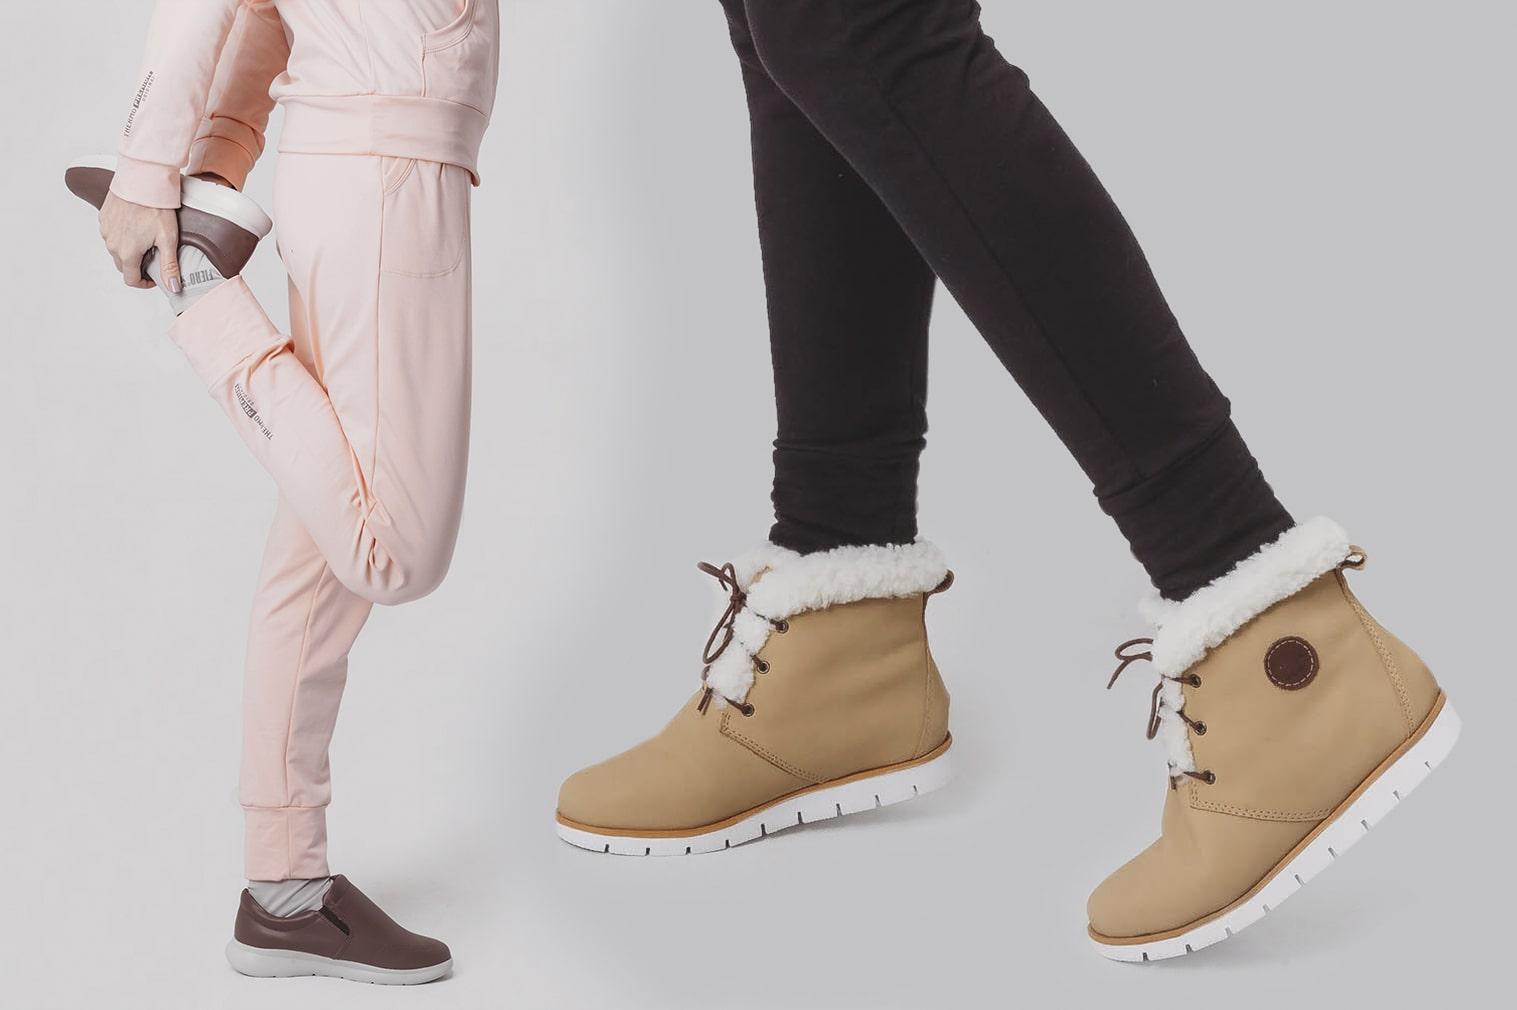 Melhores calçados inverno